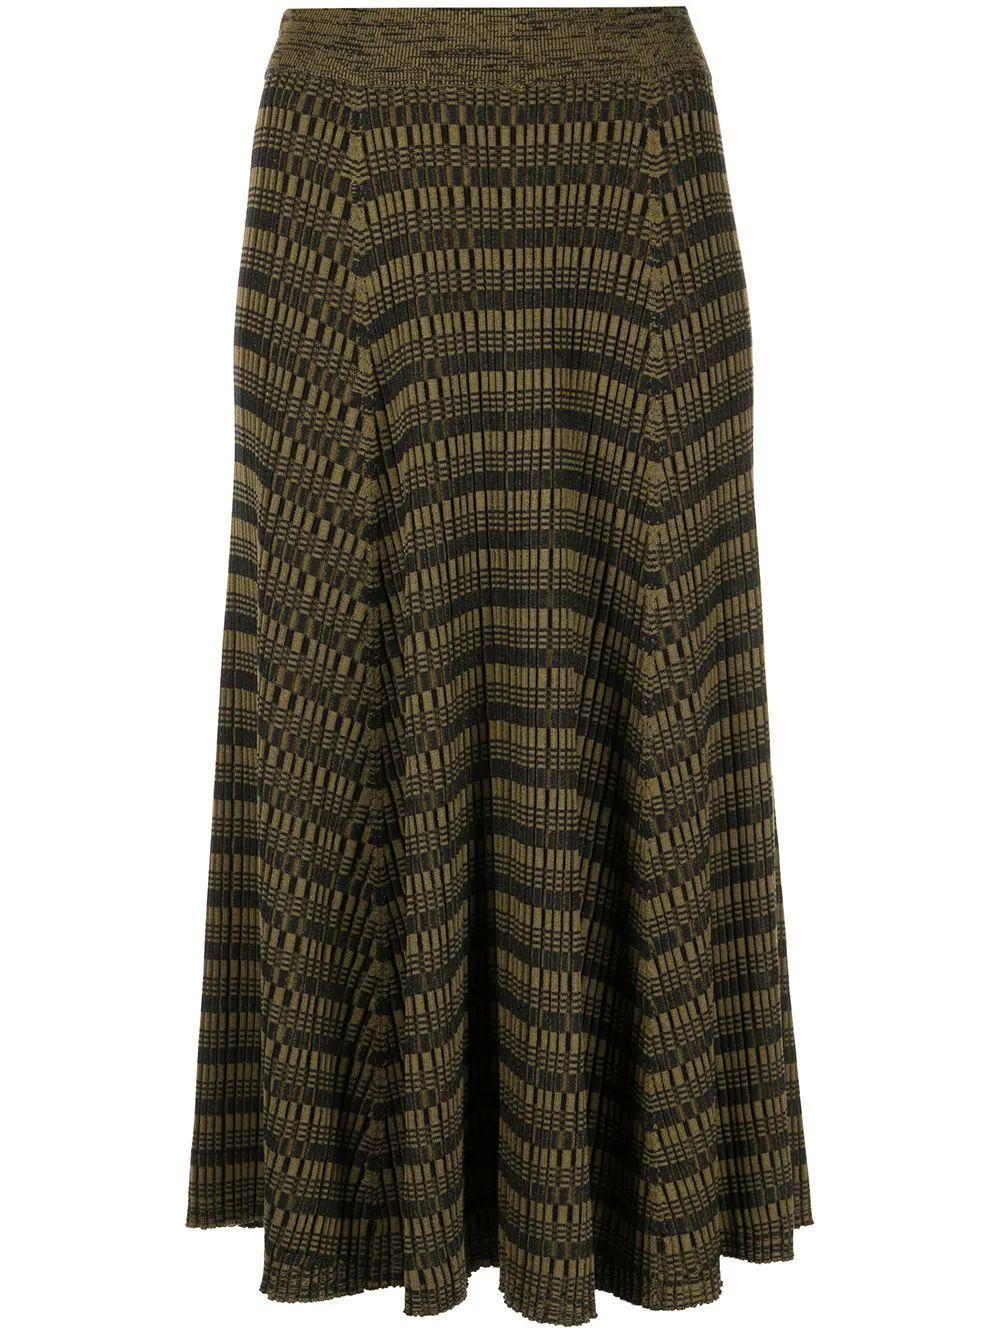 Geometric Knit Skirt Item # WL2127609